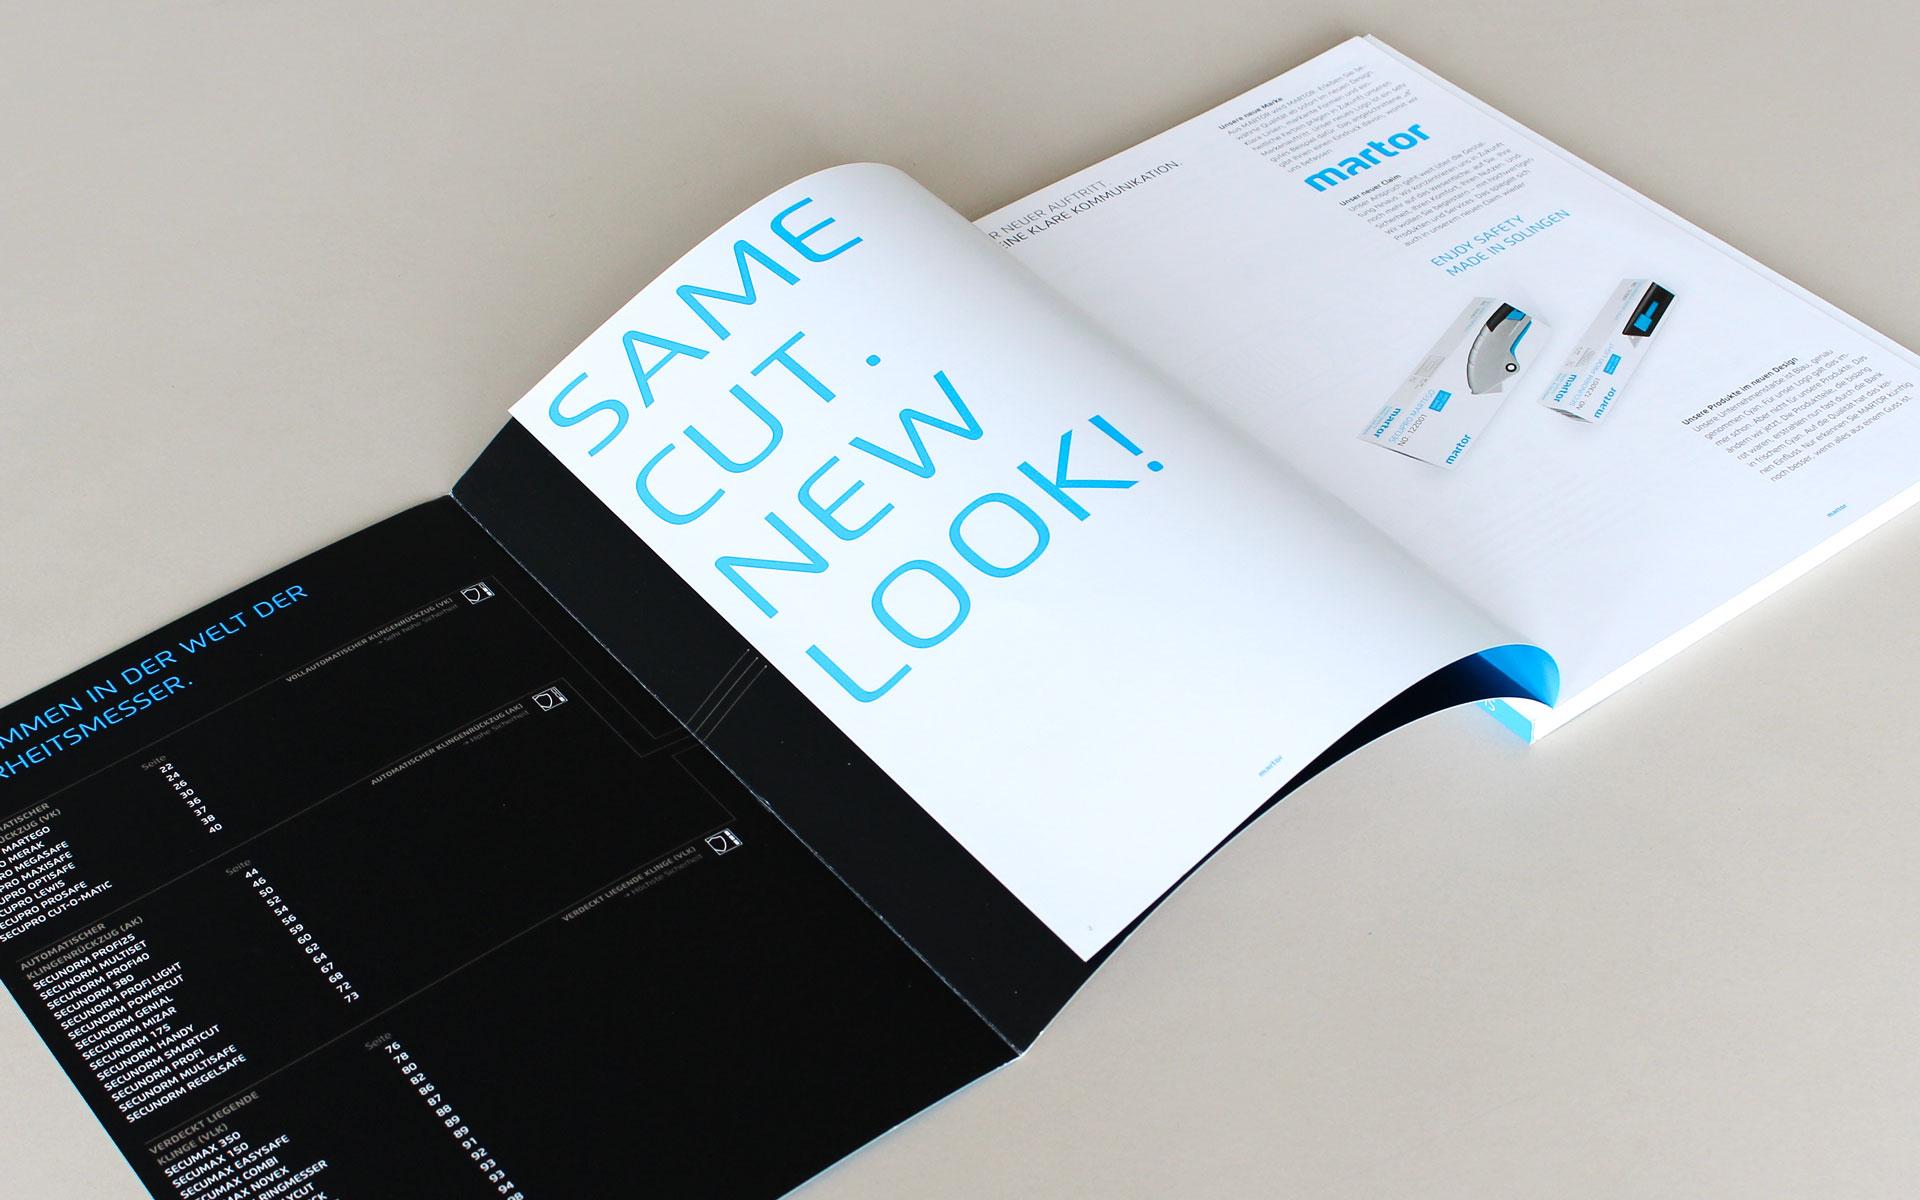 MARTOR Broschürenkonzept, Sicherheitsmesser Katalog, ausgeklappter Titel und Index